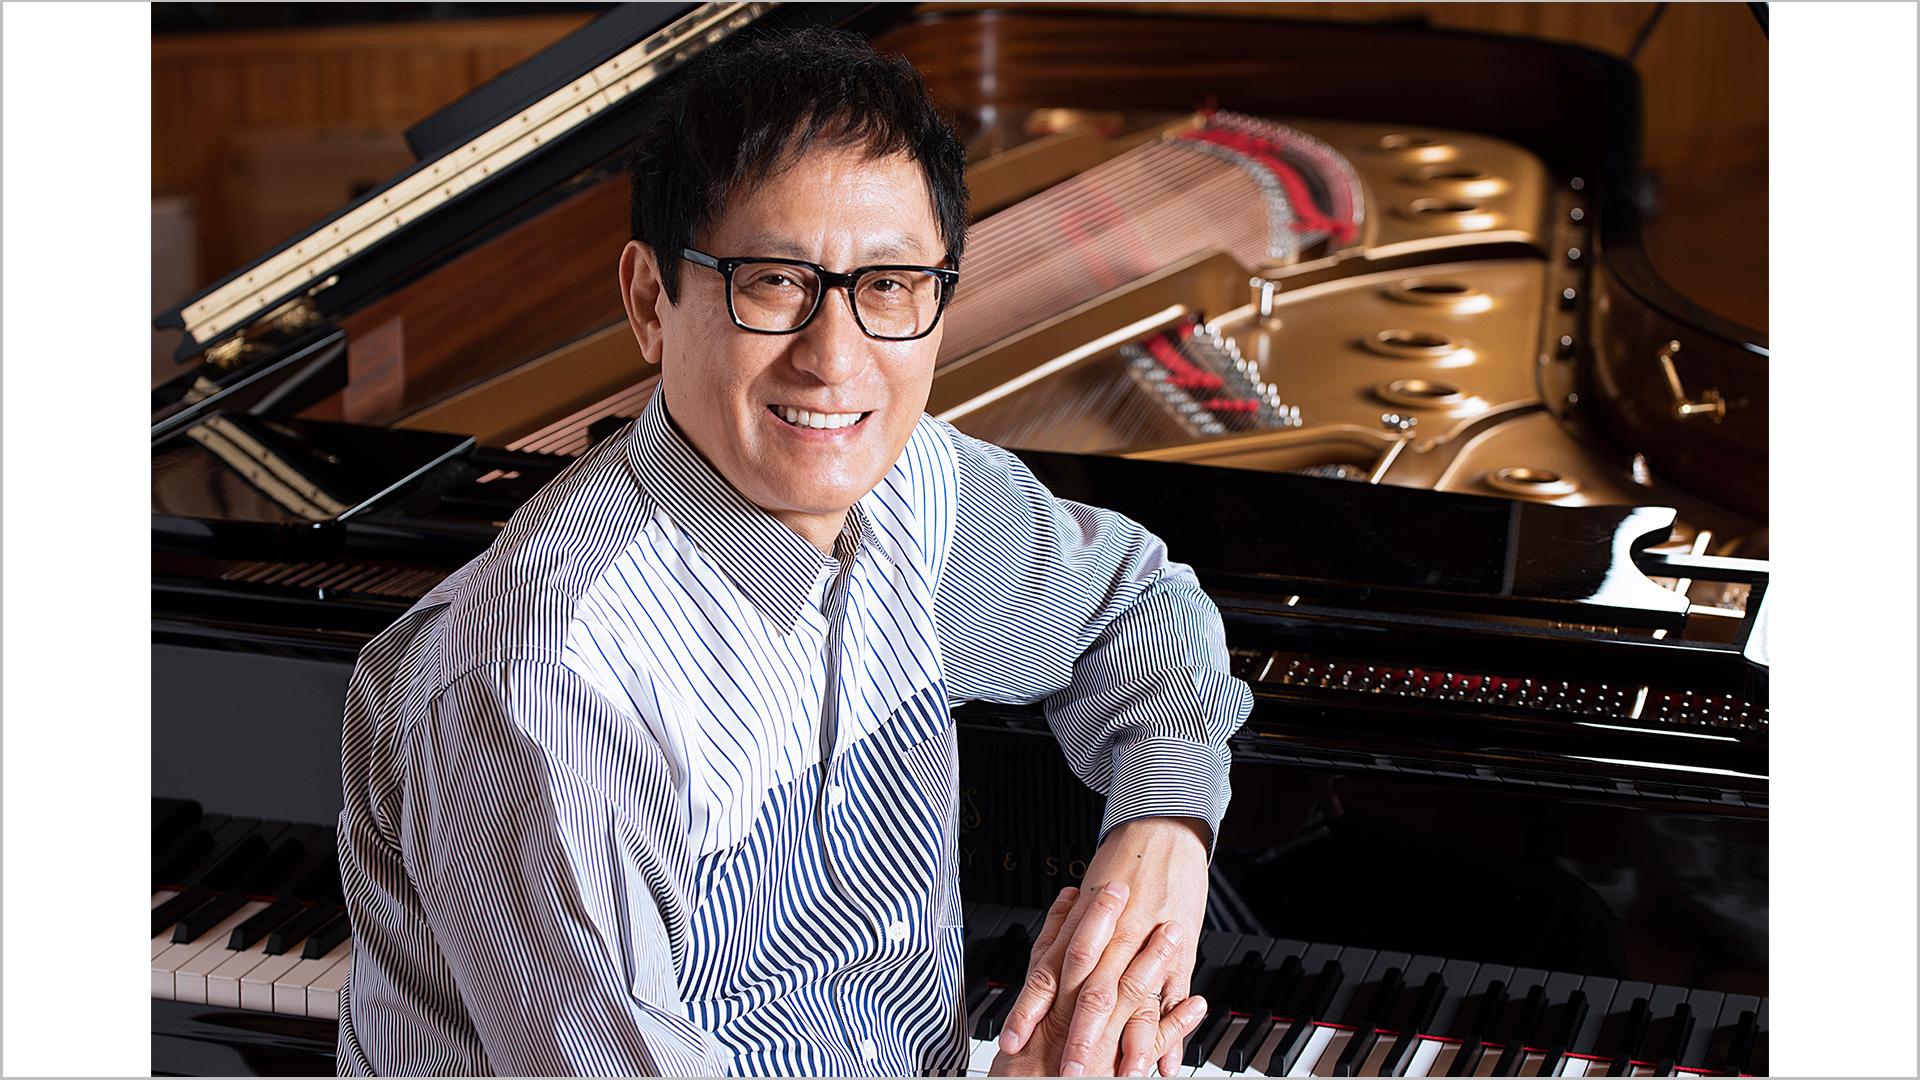 『僕らの音楽』presents 武部聡志 ピアノデイズ 後篇